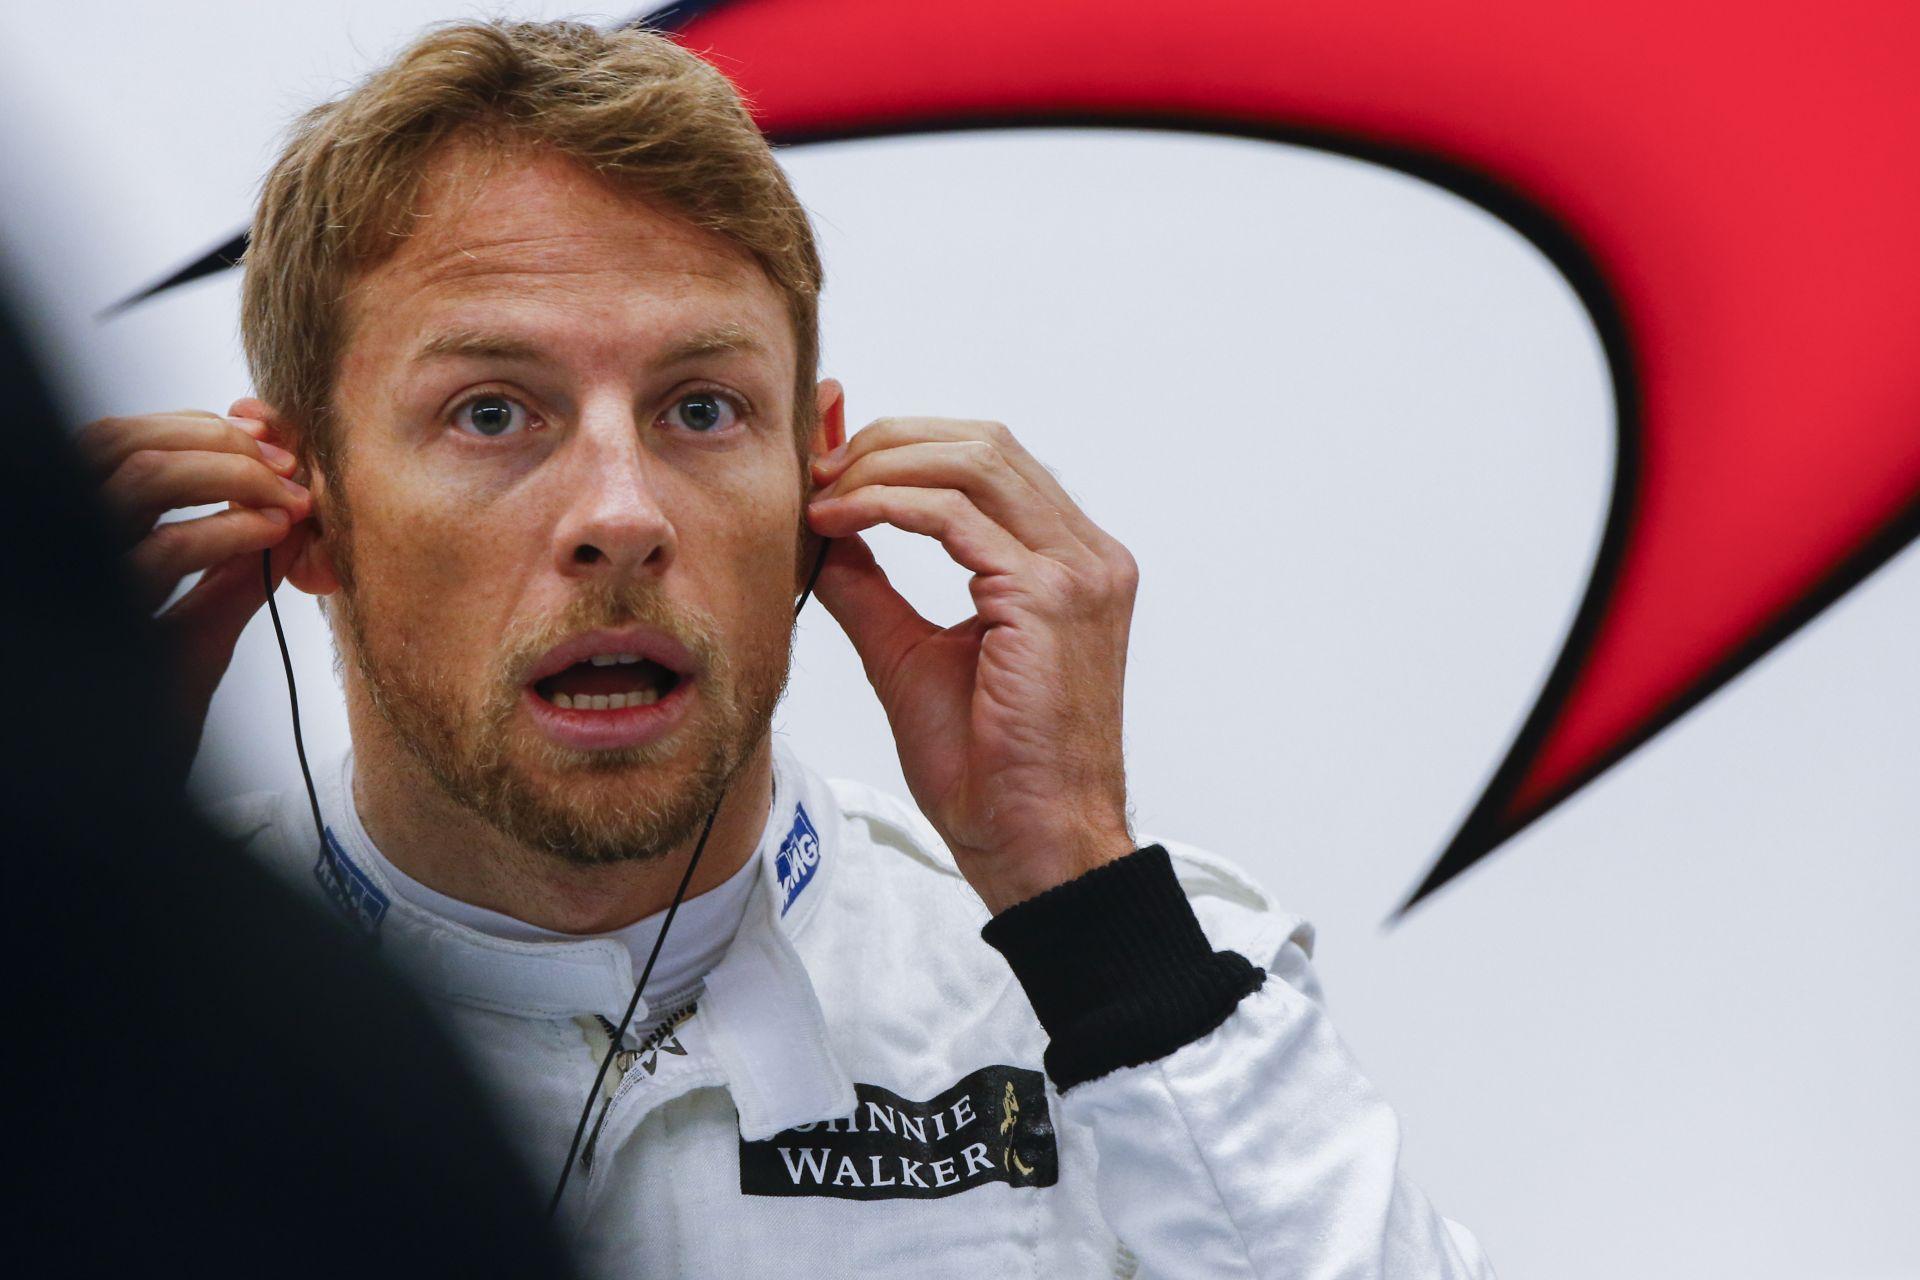 Tavaly 33 millió euró volt a McLaren vesztesége: mennyi lesz idén? 70 millió?